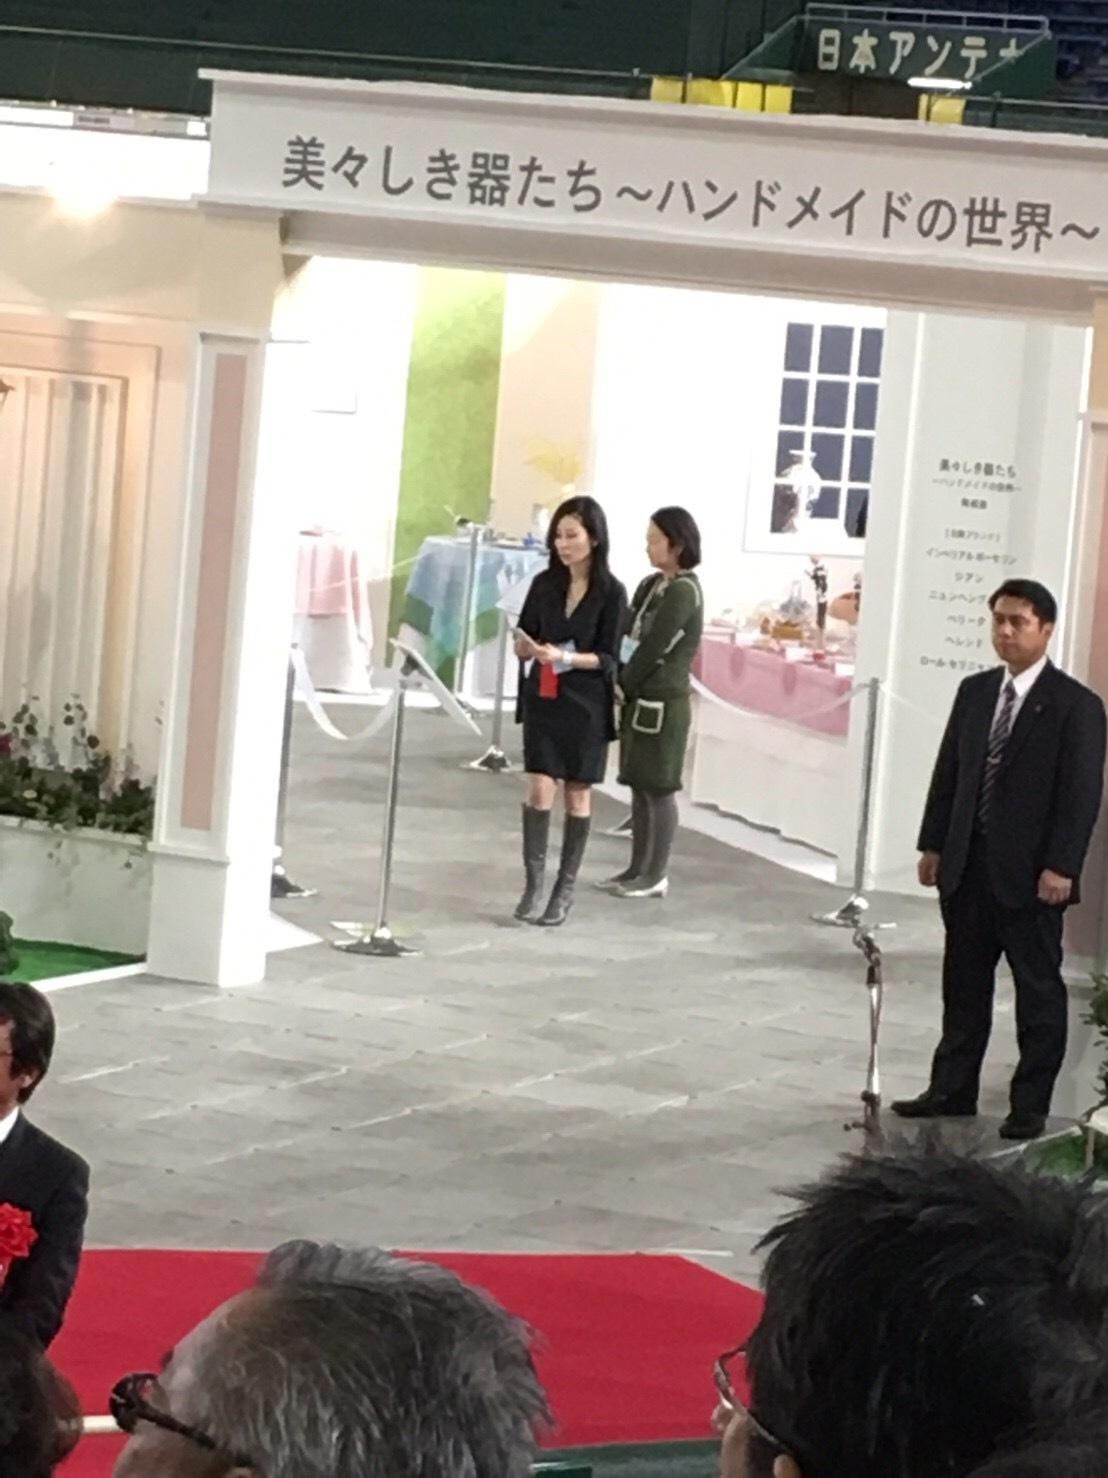 東京ドームテーブルウエアフェスティバル2017_c0366777_16494118.jpg